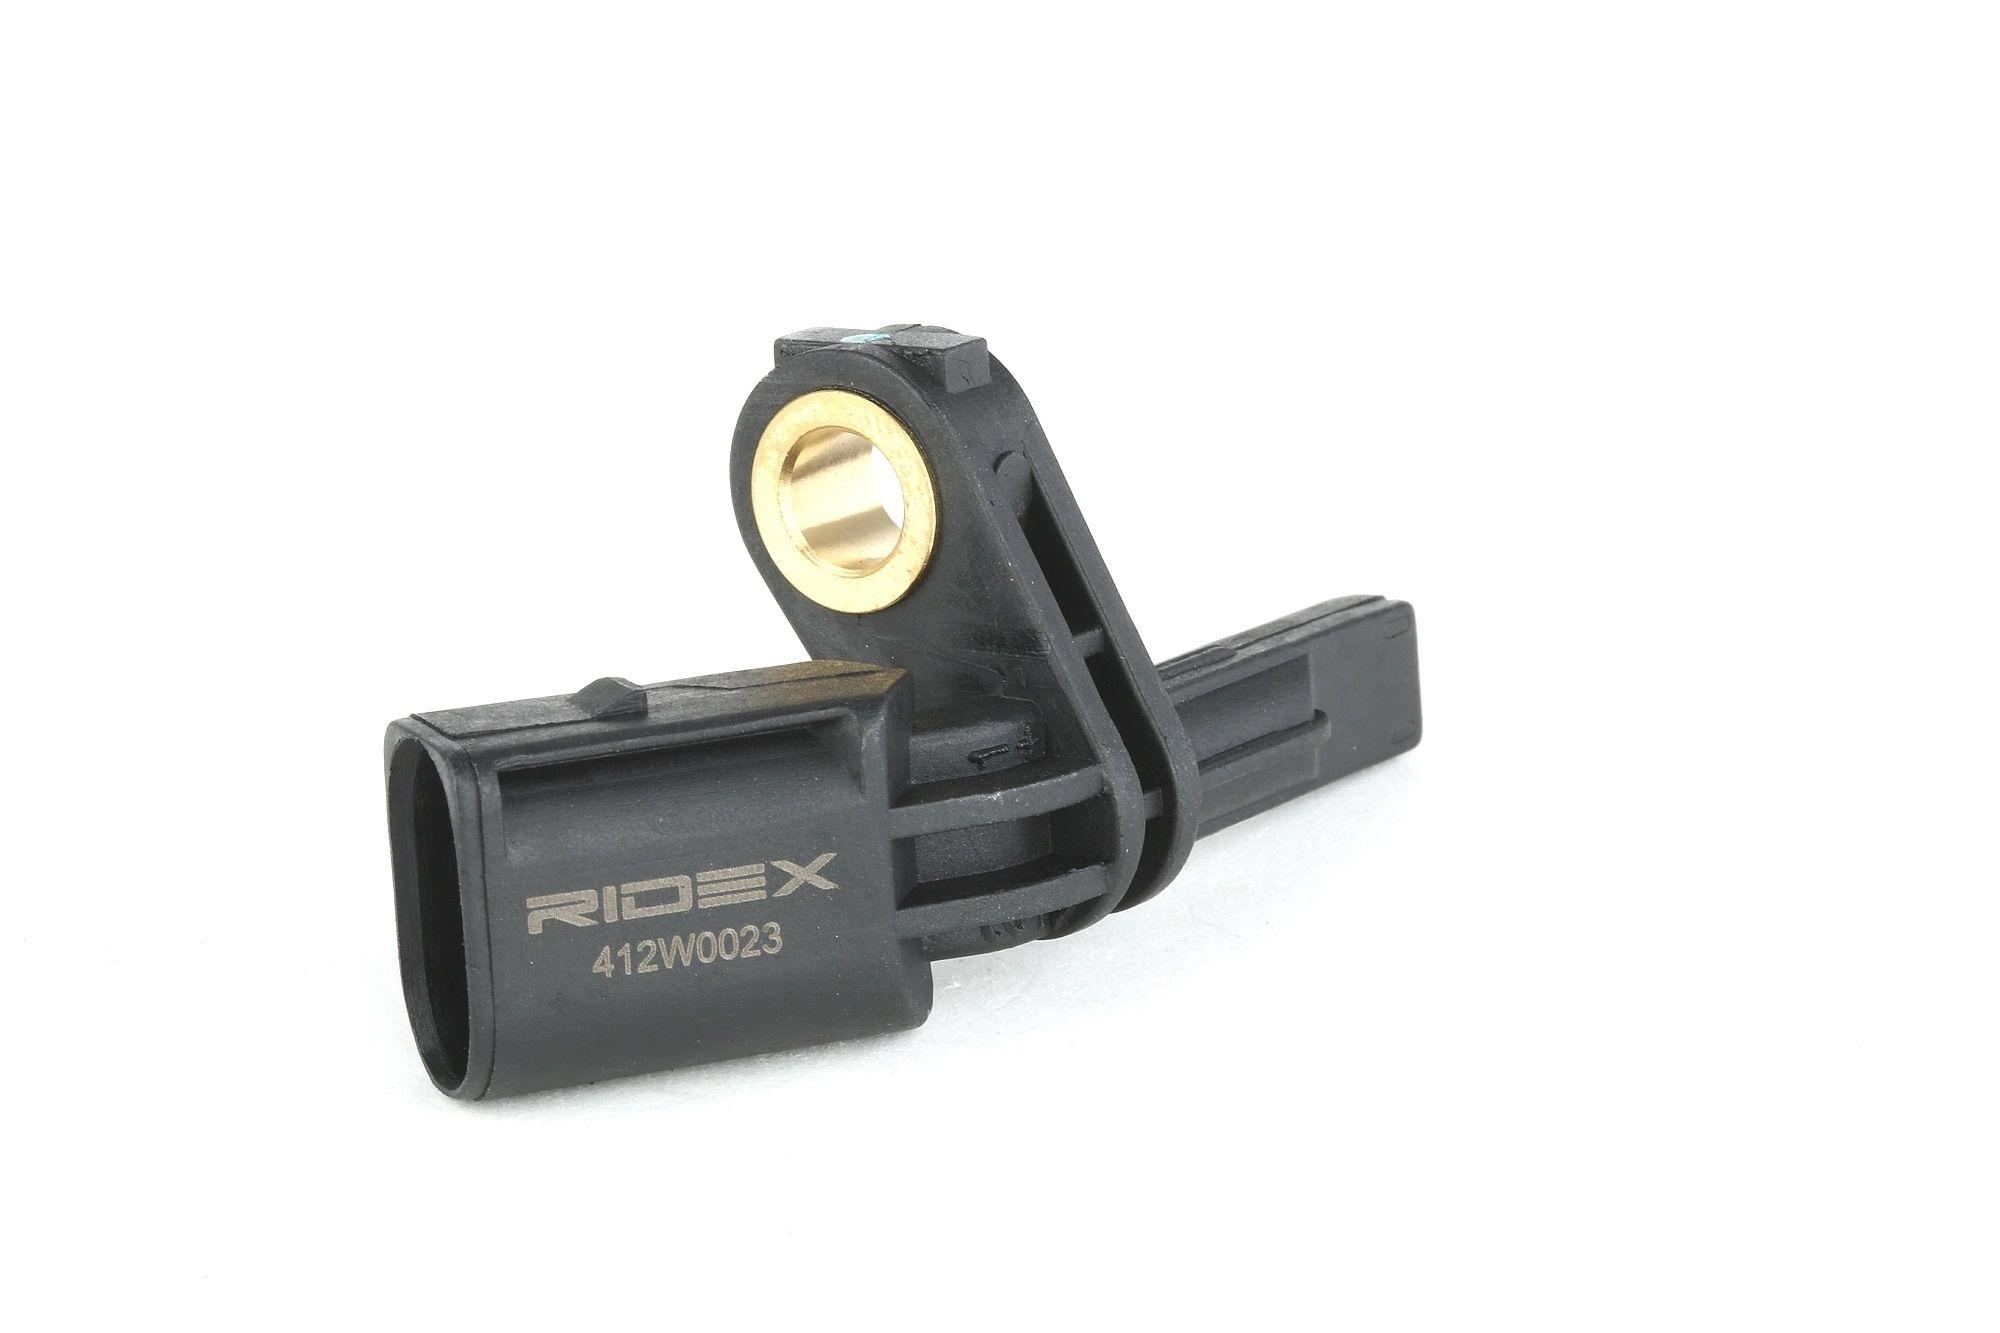 ABS Drehzahlsensor RIDEX 412W0023 Bewertung